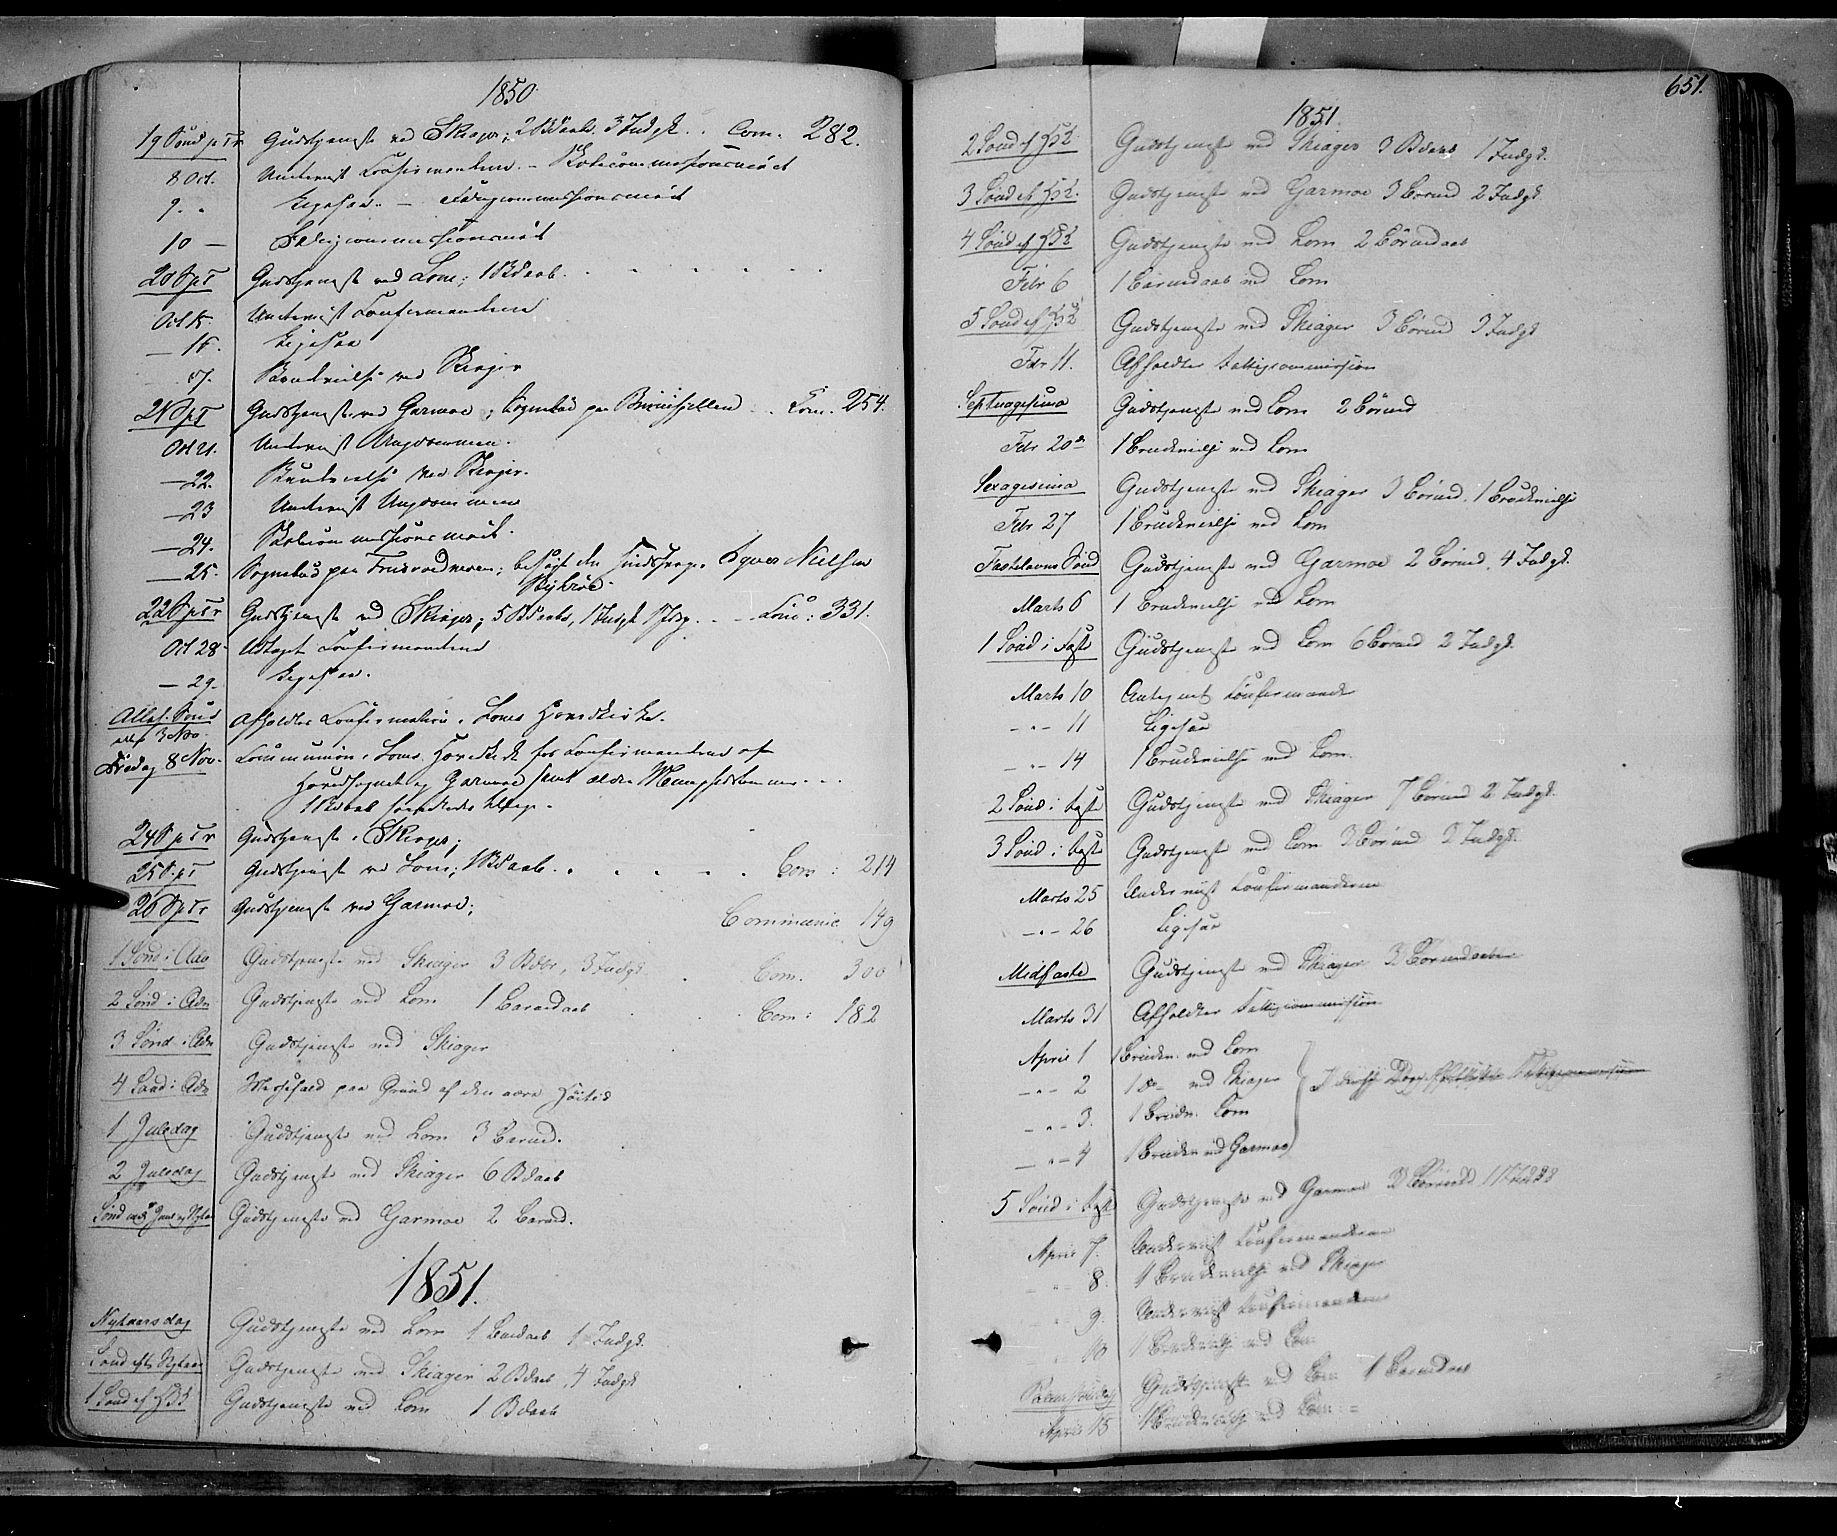 SAH, Lom prestekontor, K/L0006: Ministerialbok nr. 6B, 1837-1863, s. 651